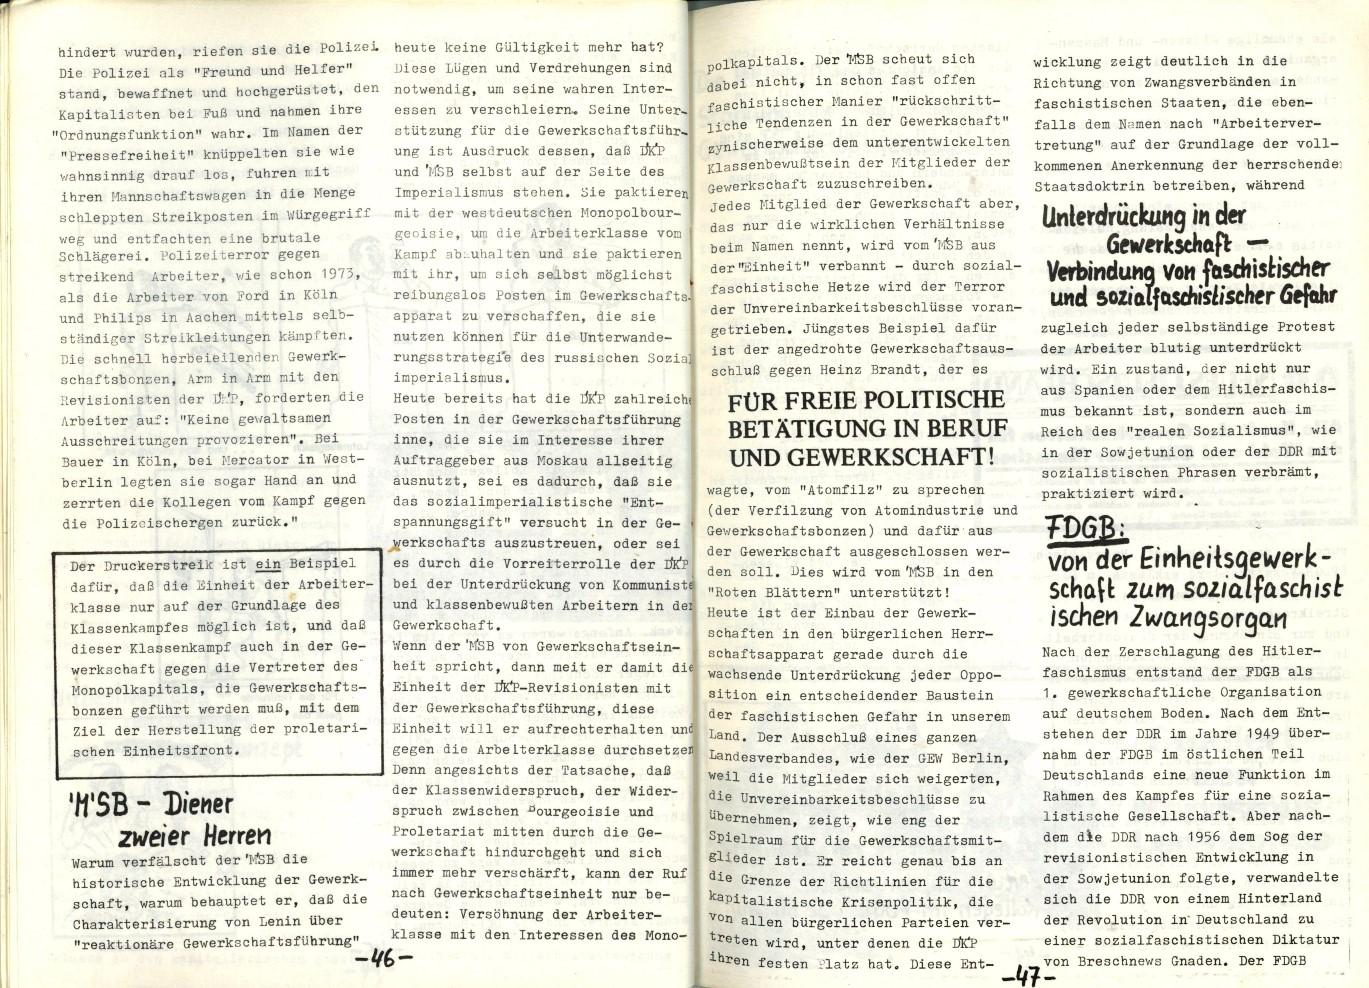 NRW_KSV_1977_Doku_zu_den_AStA_Wahlen_Nr_2_24